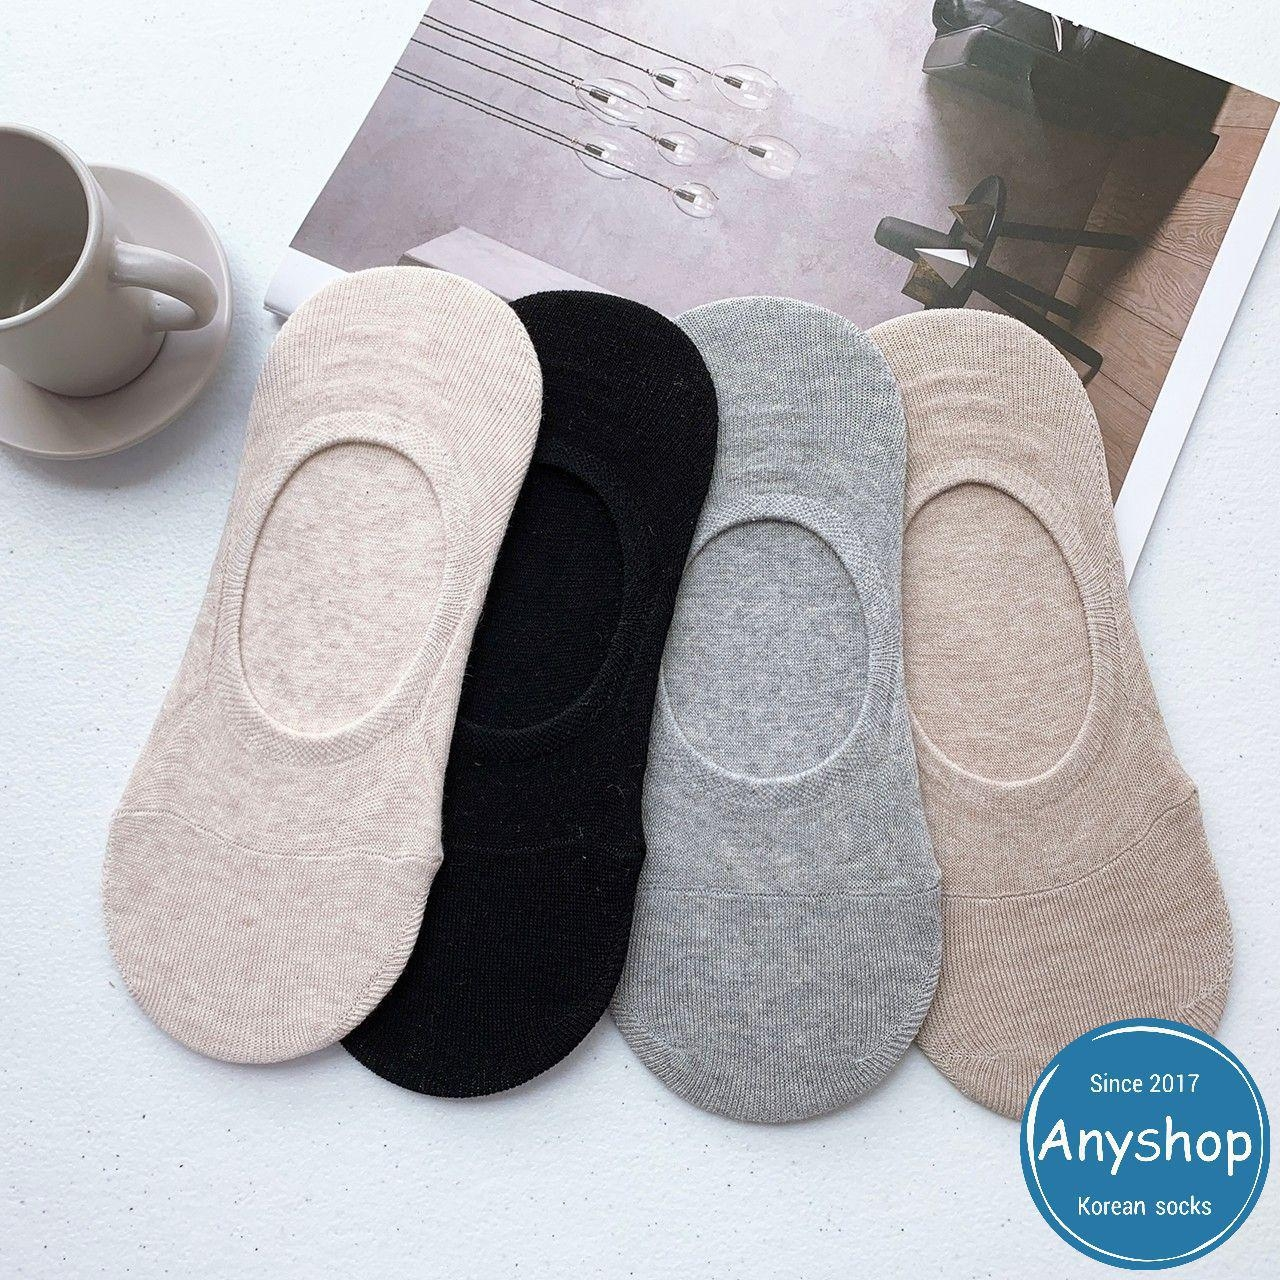 韓國襪-[Anyshop]素色無痕船型男襪